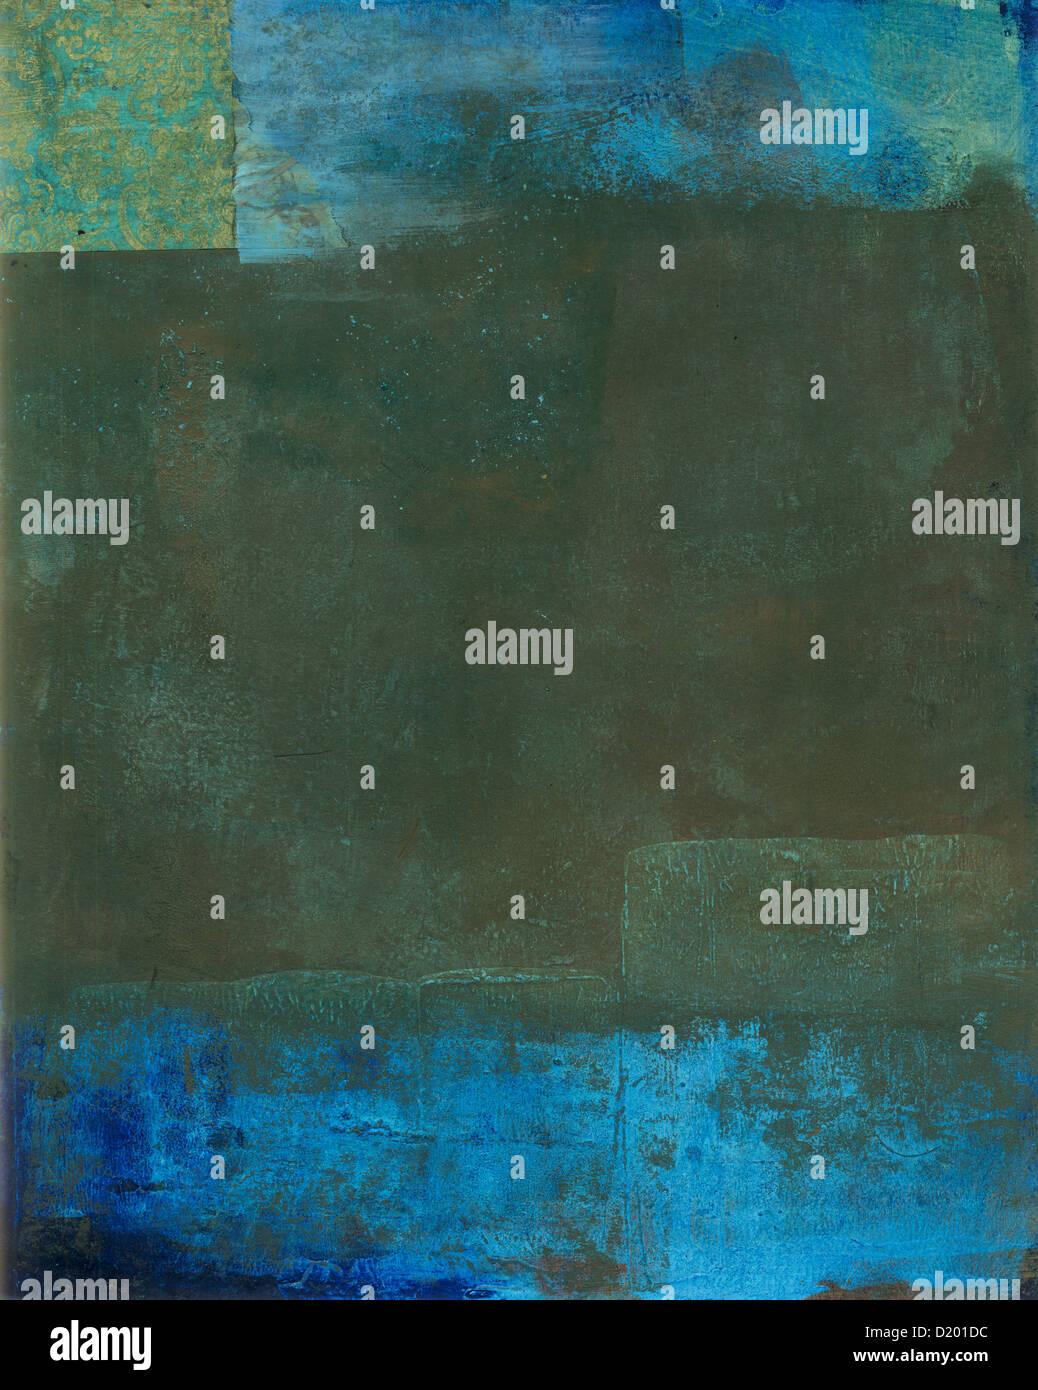 La peinture abstraite de texture bleu et vert avec des tons de terre. Photo Stock